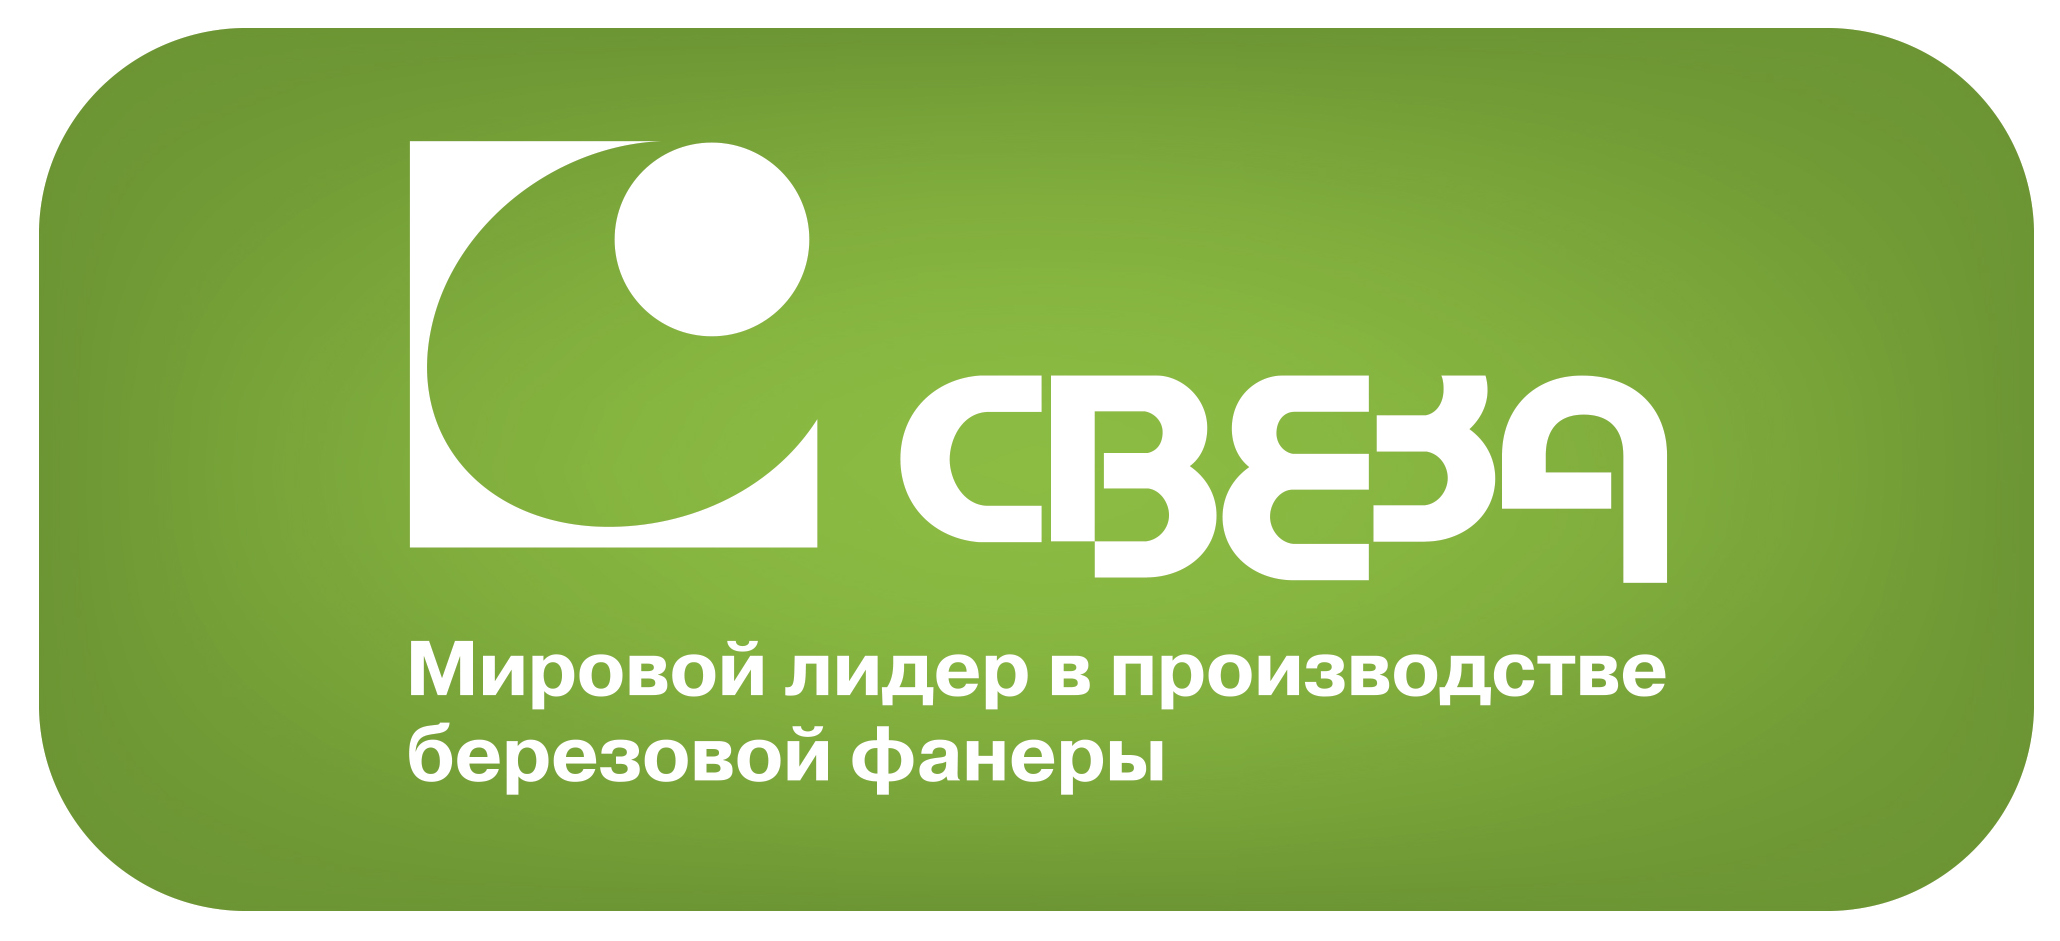 Работа в компании «СВЕЗА» в Суздальского района